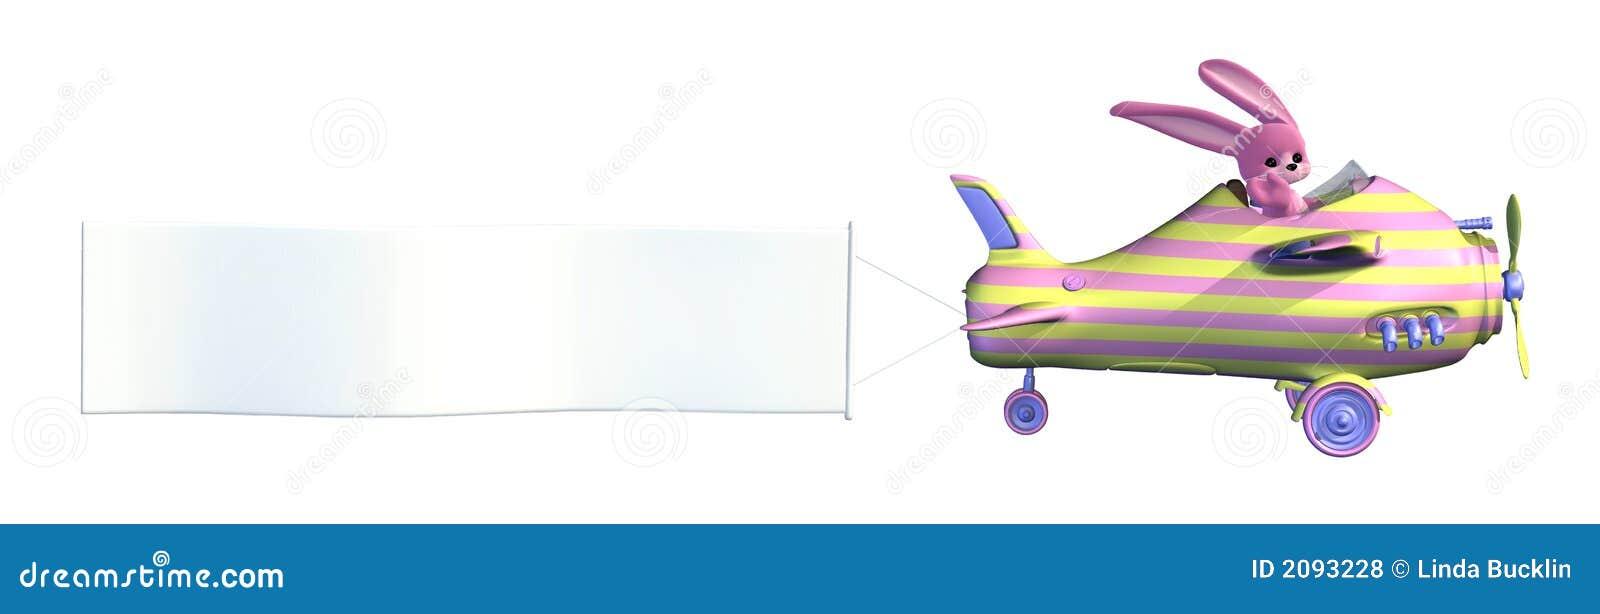 Plano del conejito de pascua con la bandera en blanco